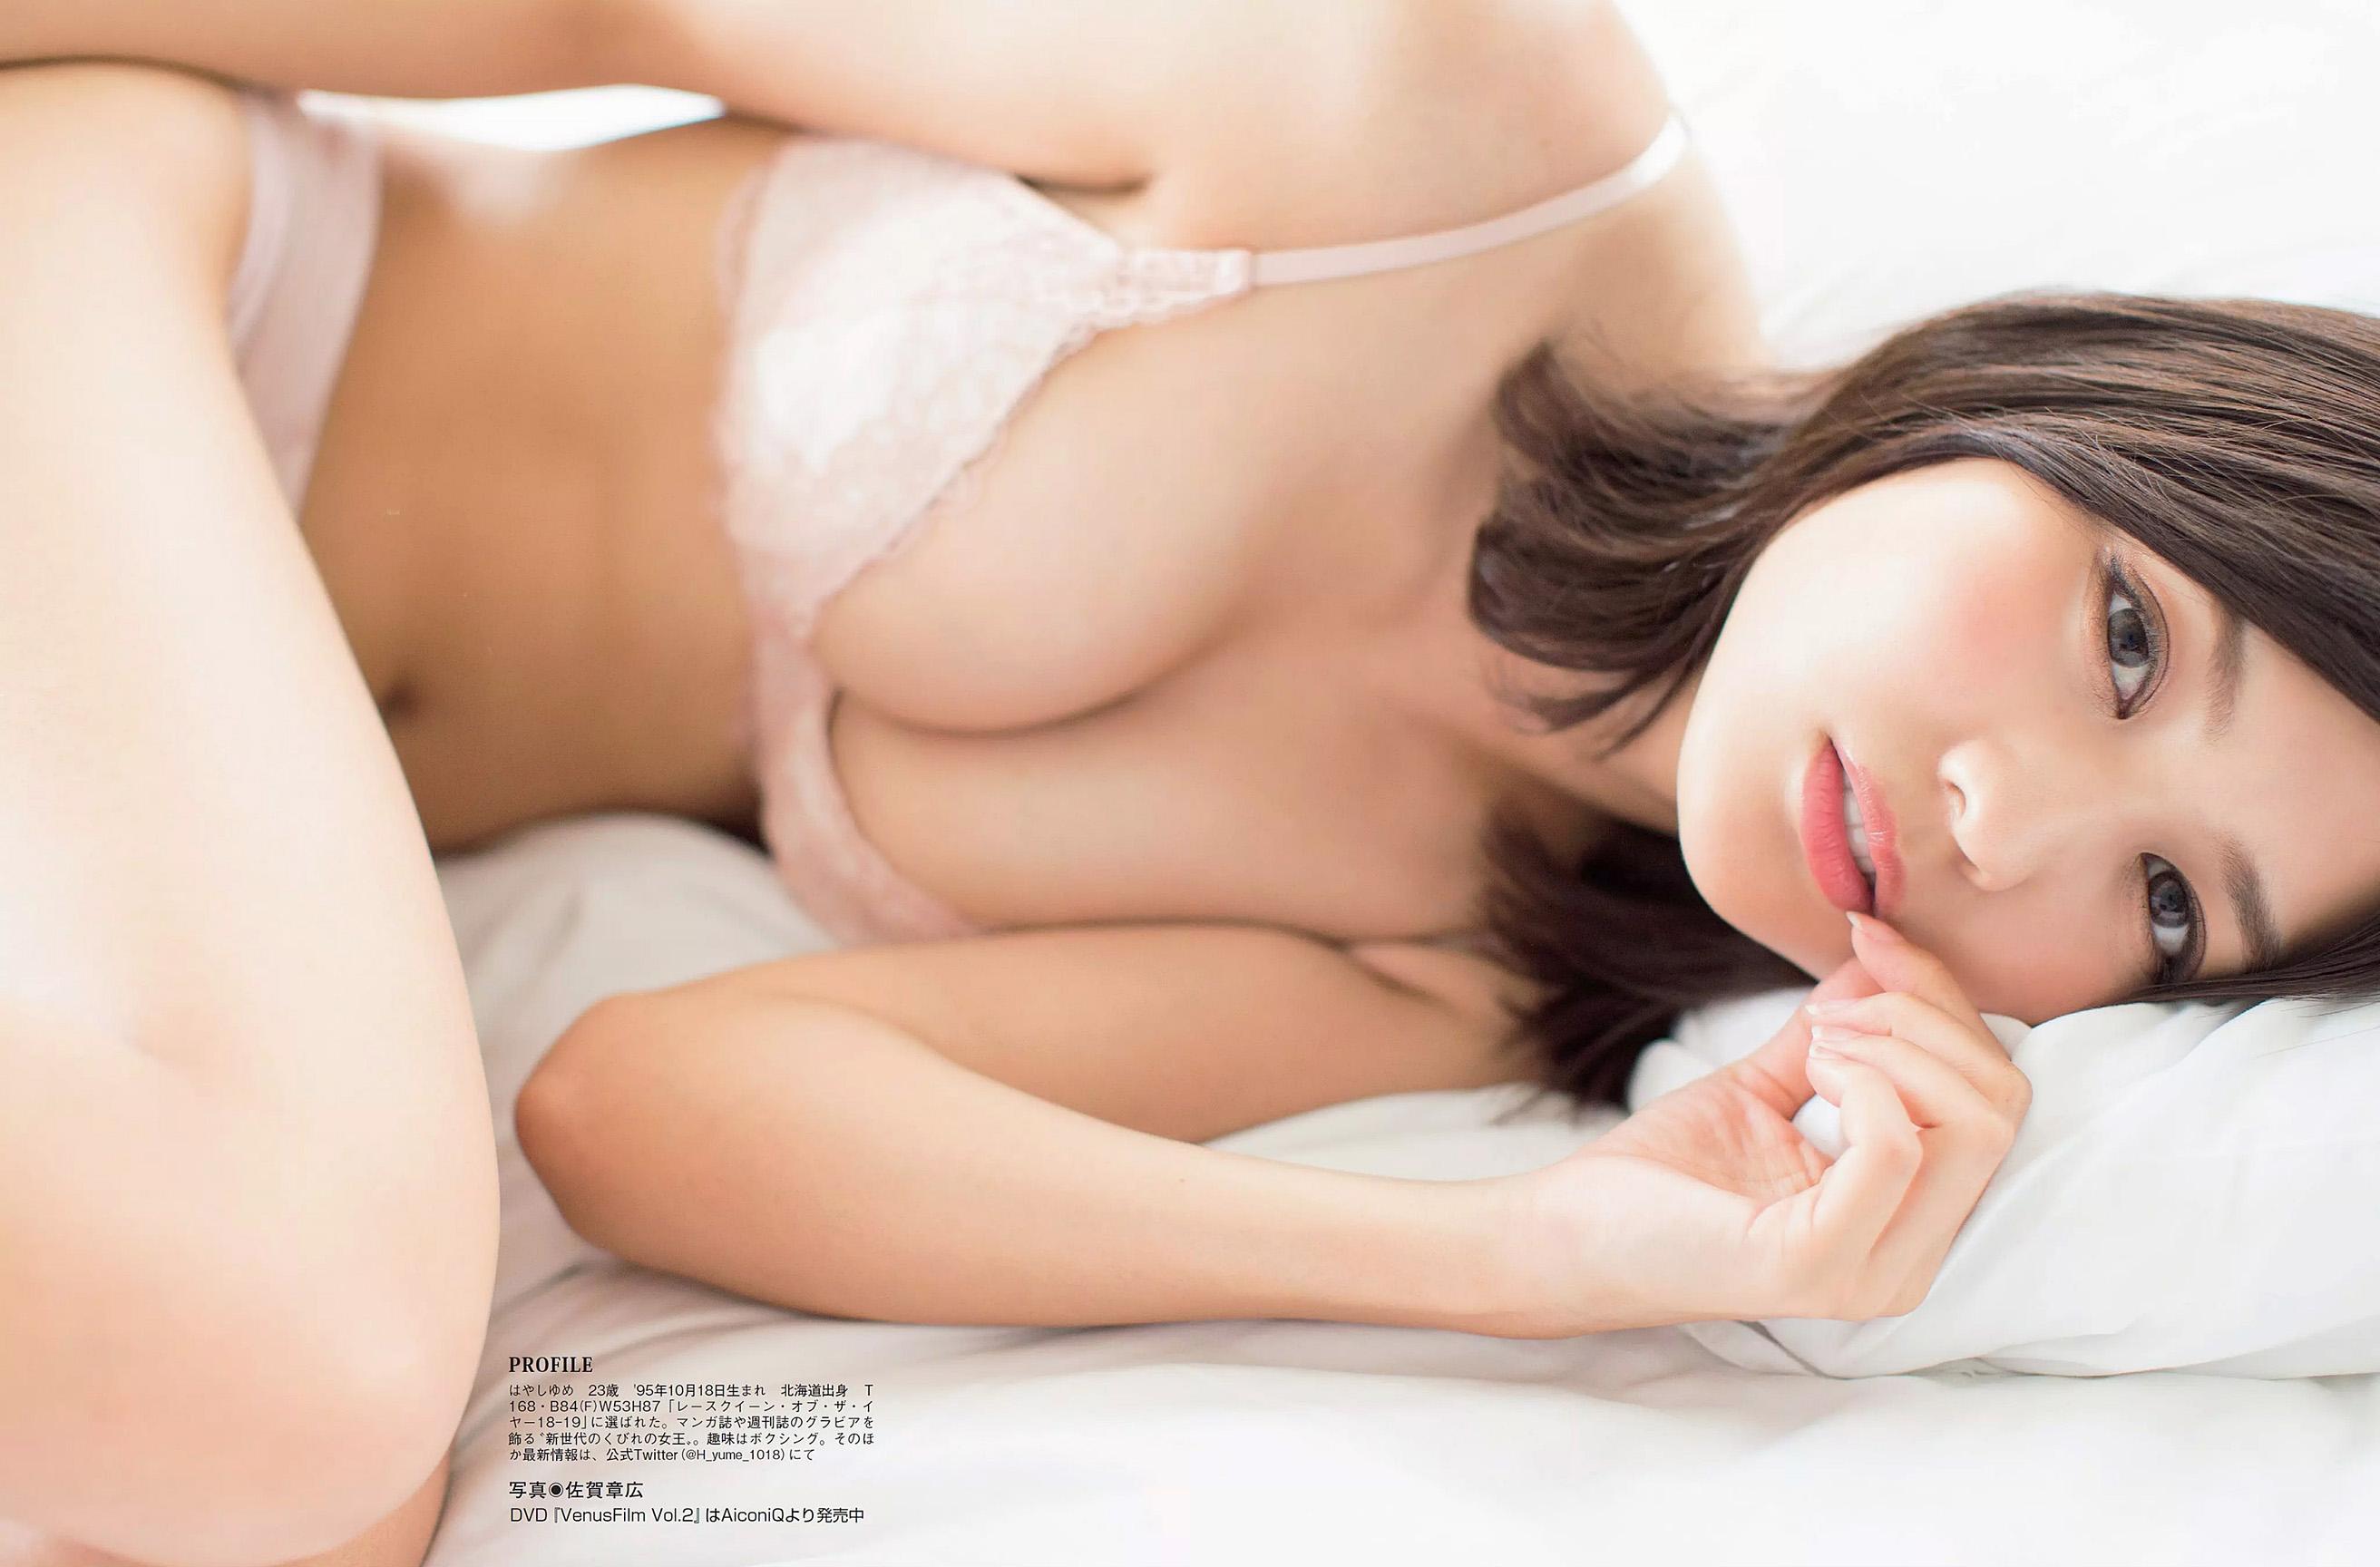 Yume Hayashi Flash 190312 03.jpg